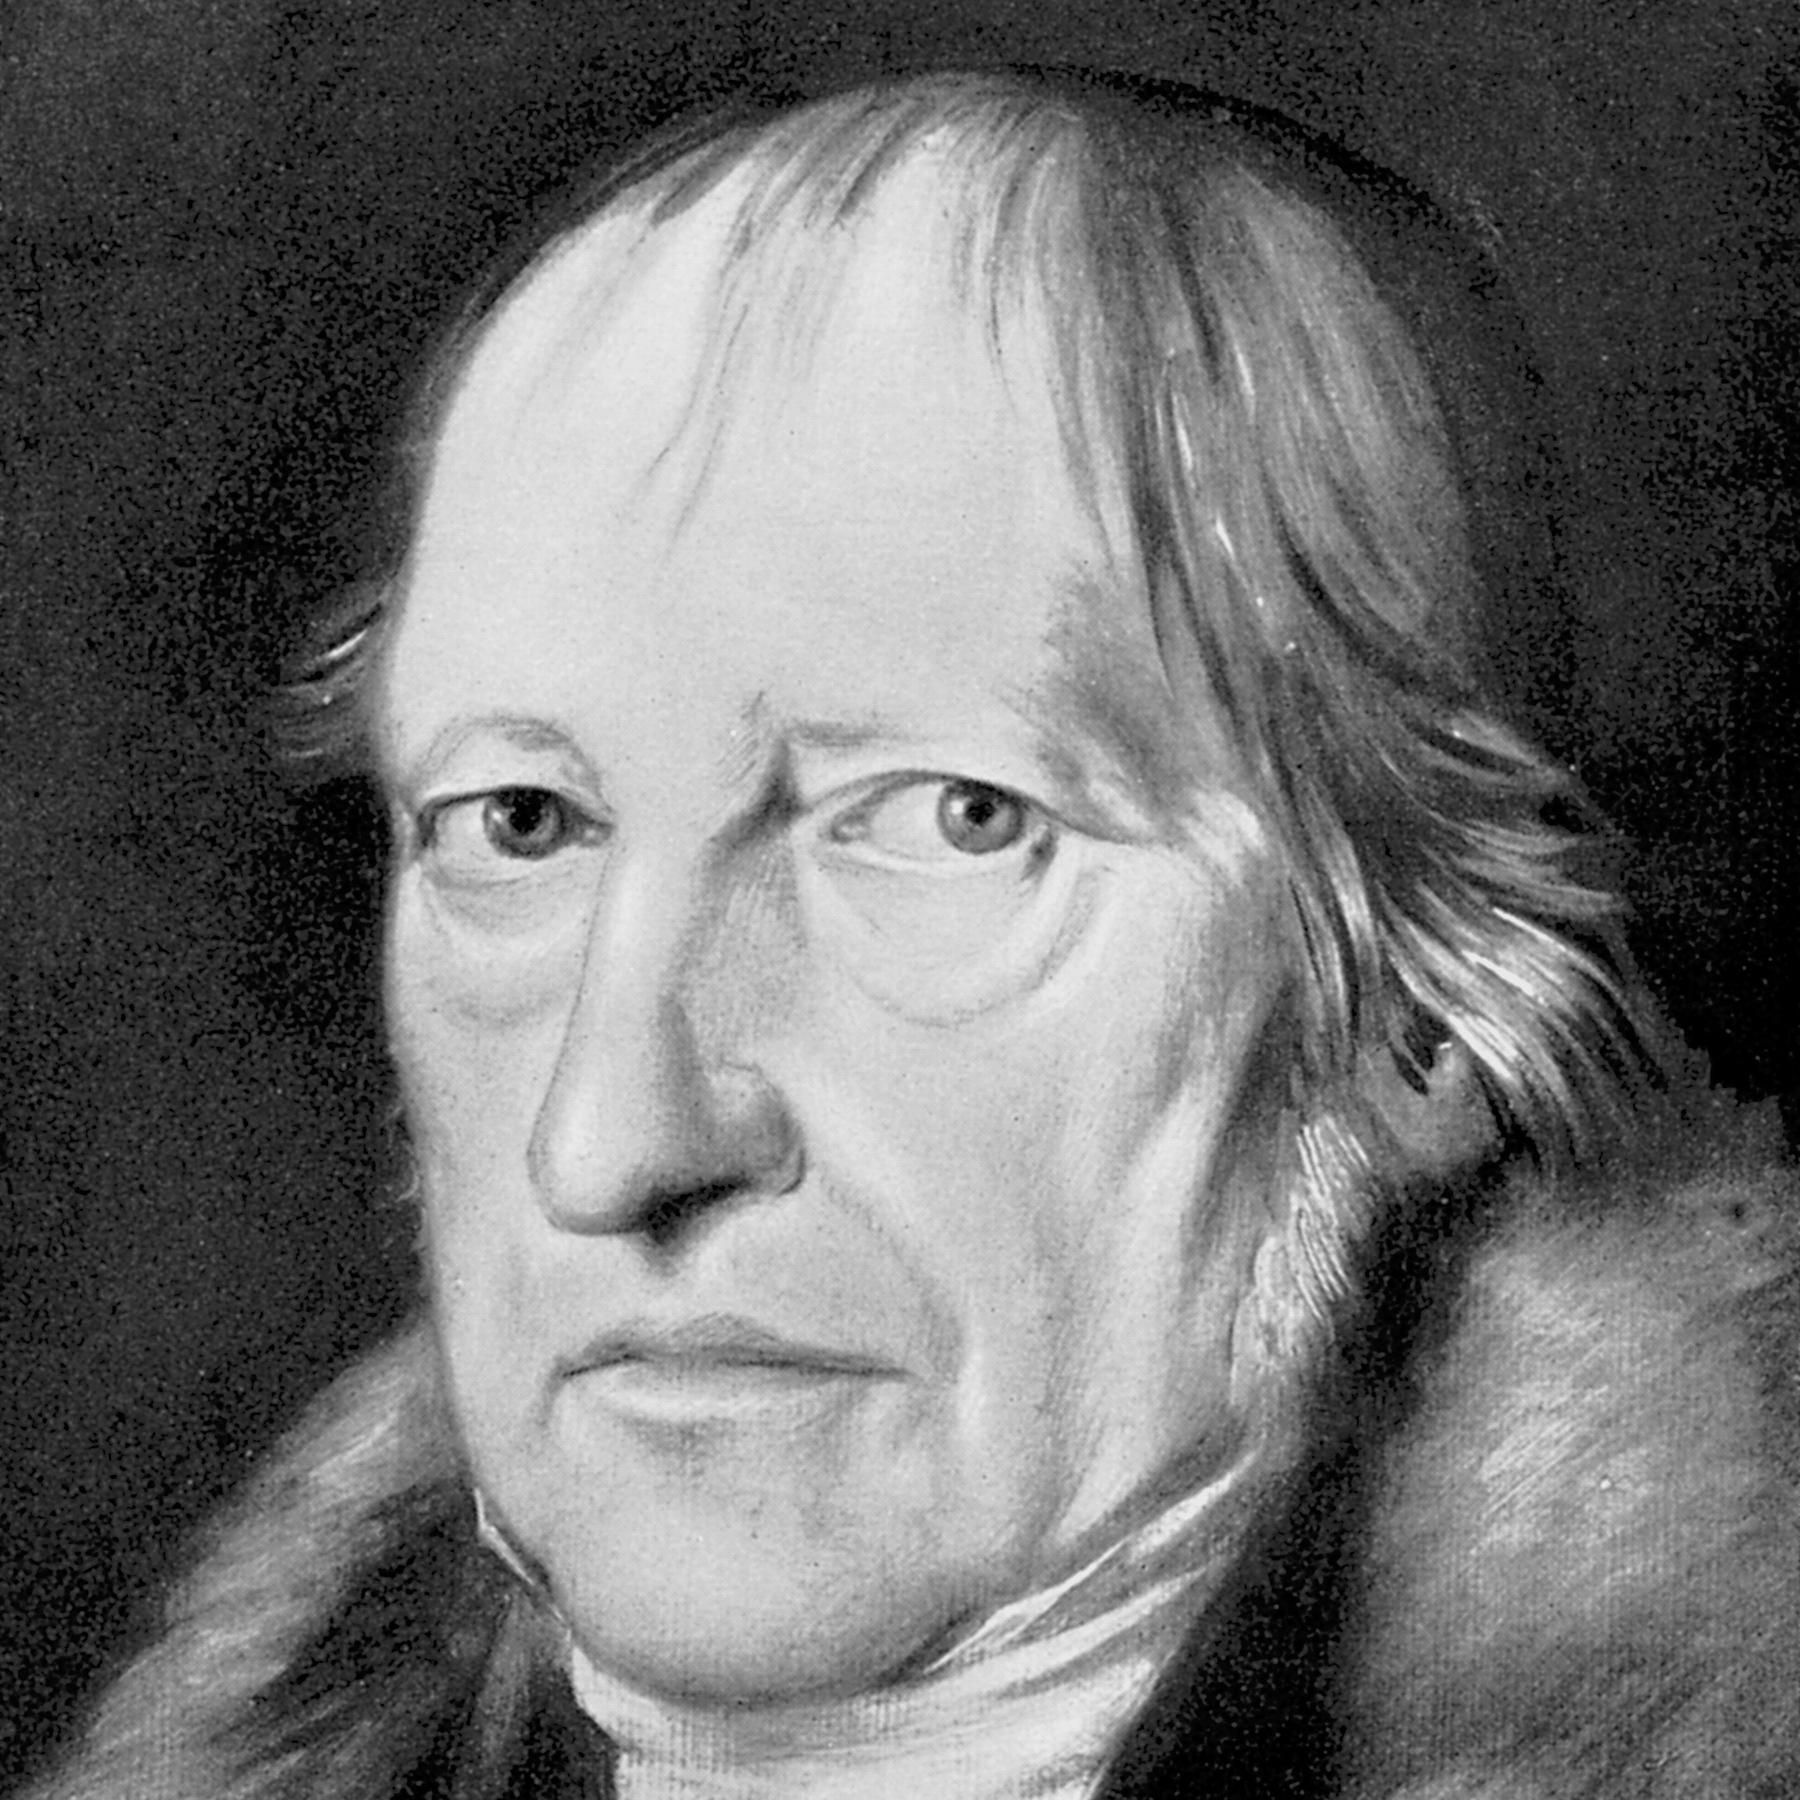 Georg Wilhelm Friedrich Hegel - Denker im Widerspruch